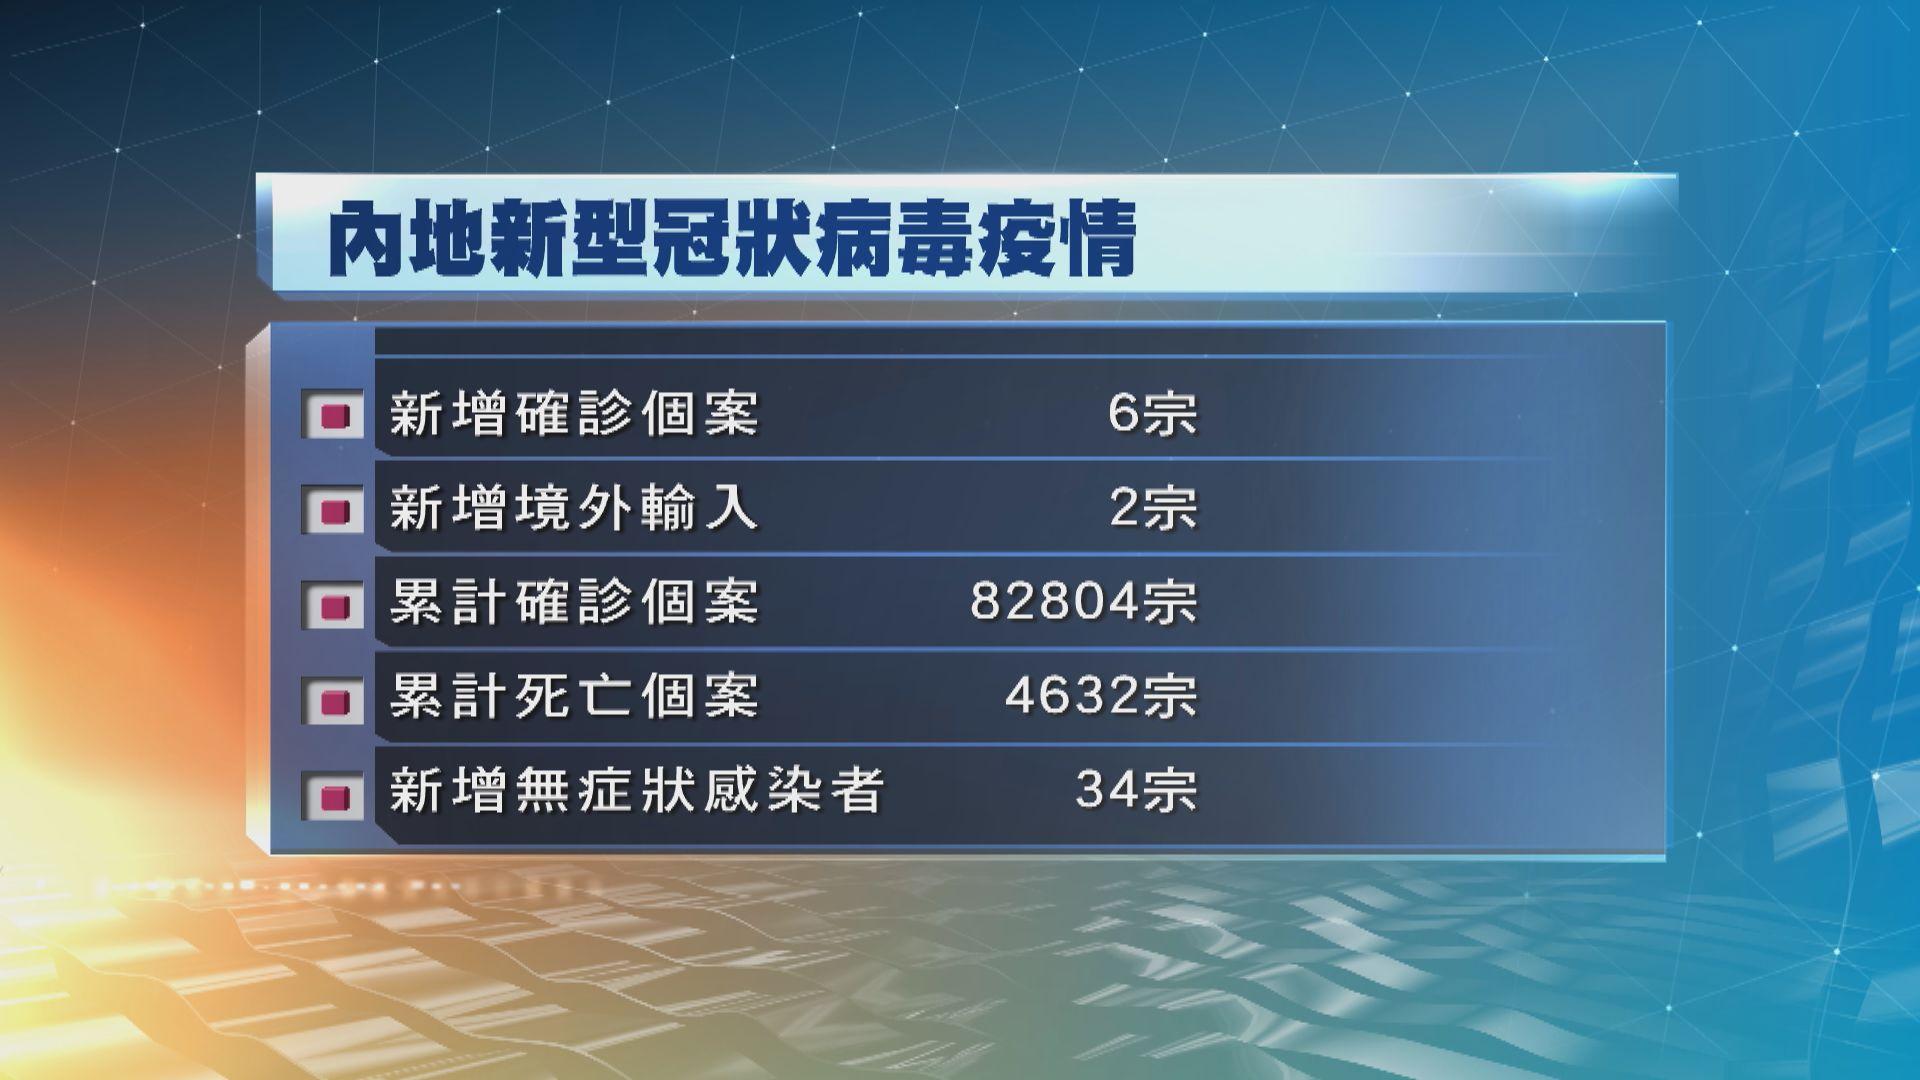 內地昨新增六宗確診 黑龍江佔三宗